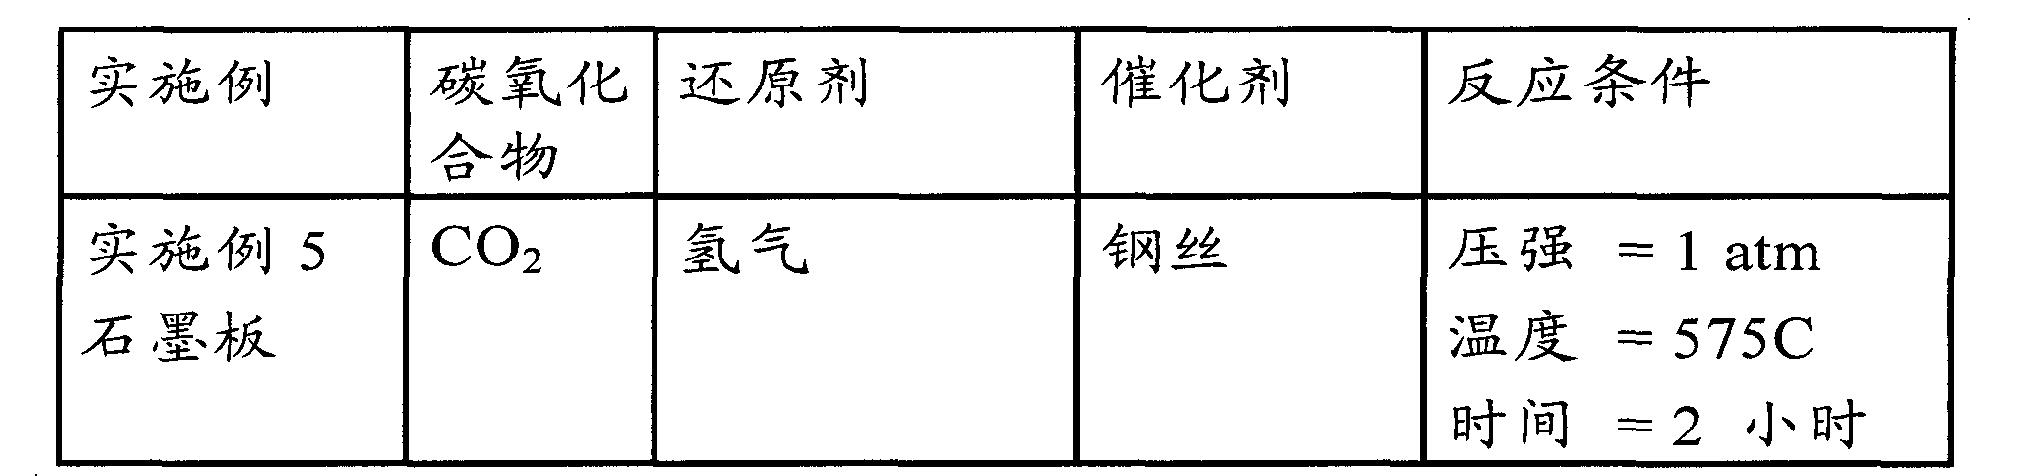 Figure CN102459727BD00254